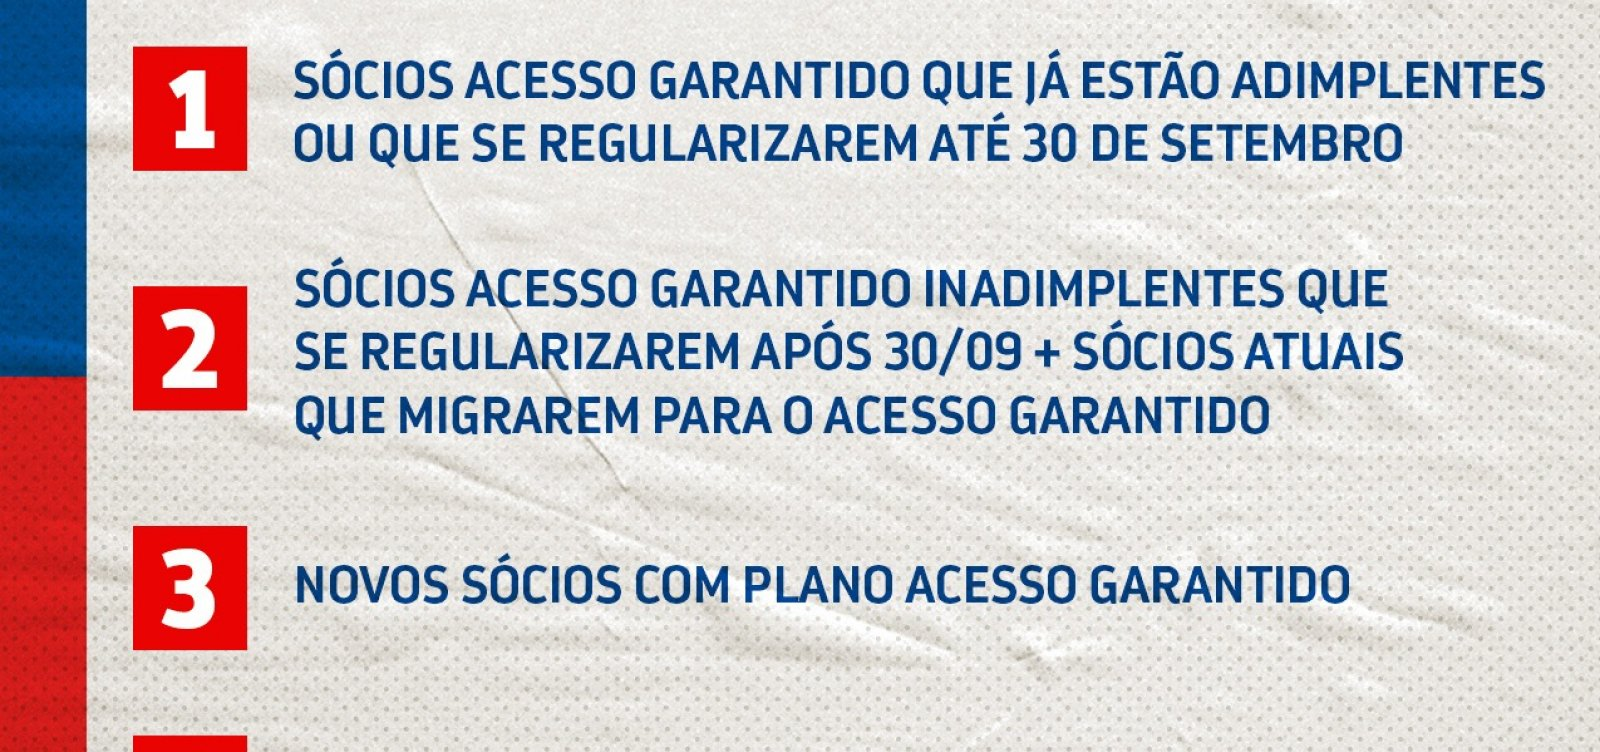 Esperando público nos estádios, Bahia estabelece prioridades na compra de ingressos